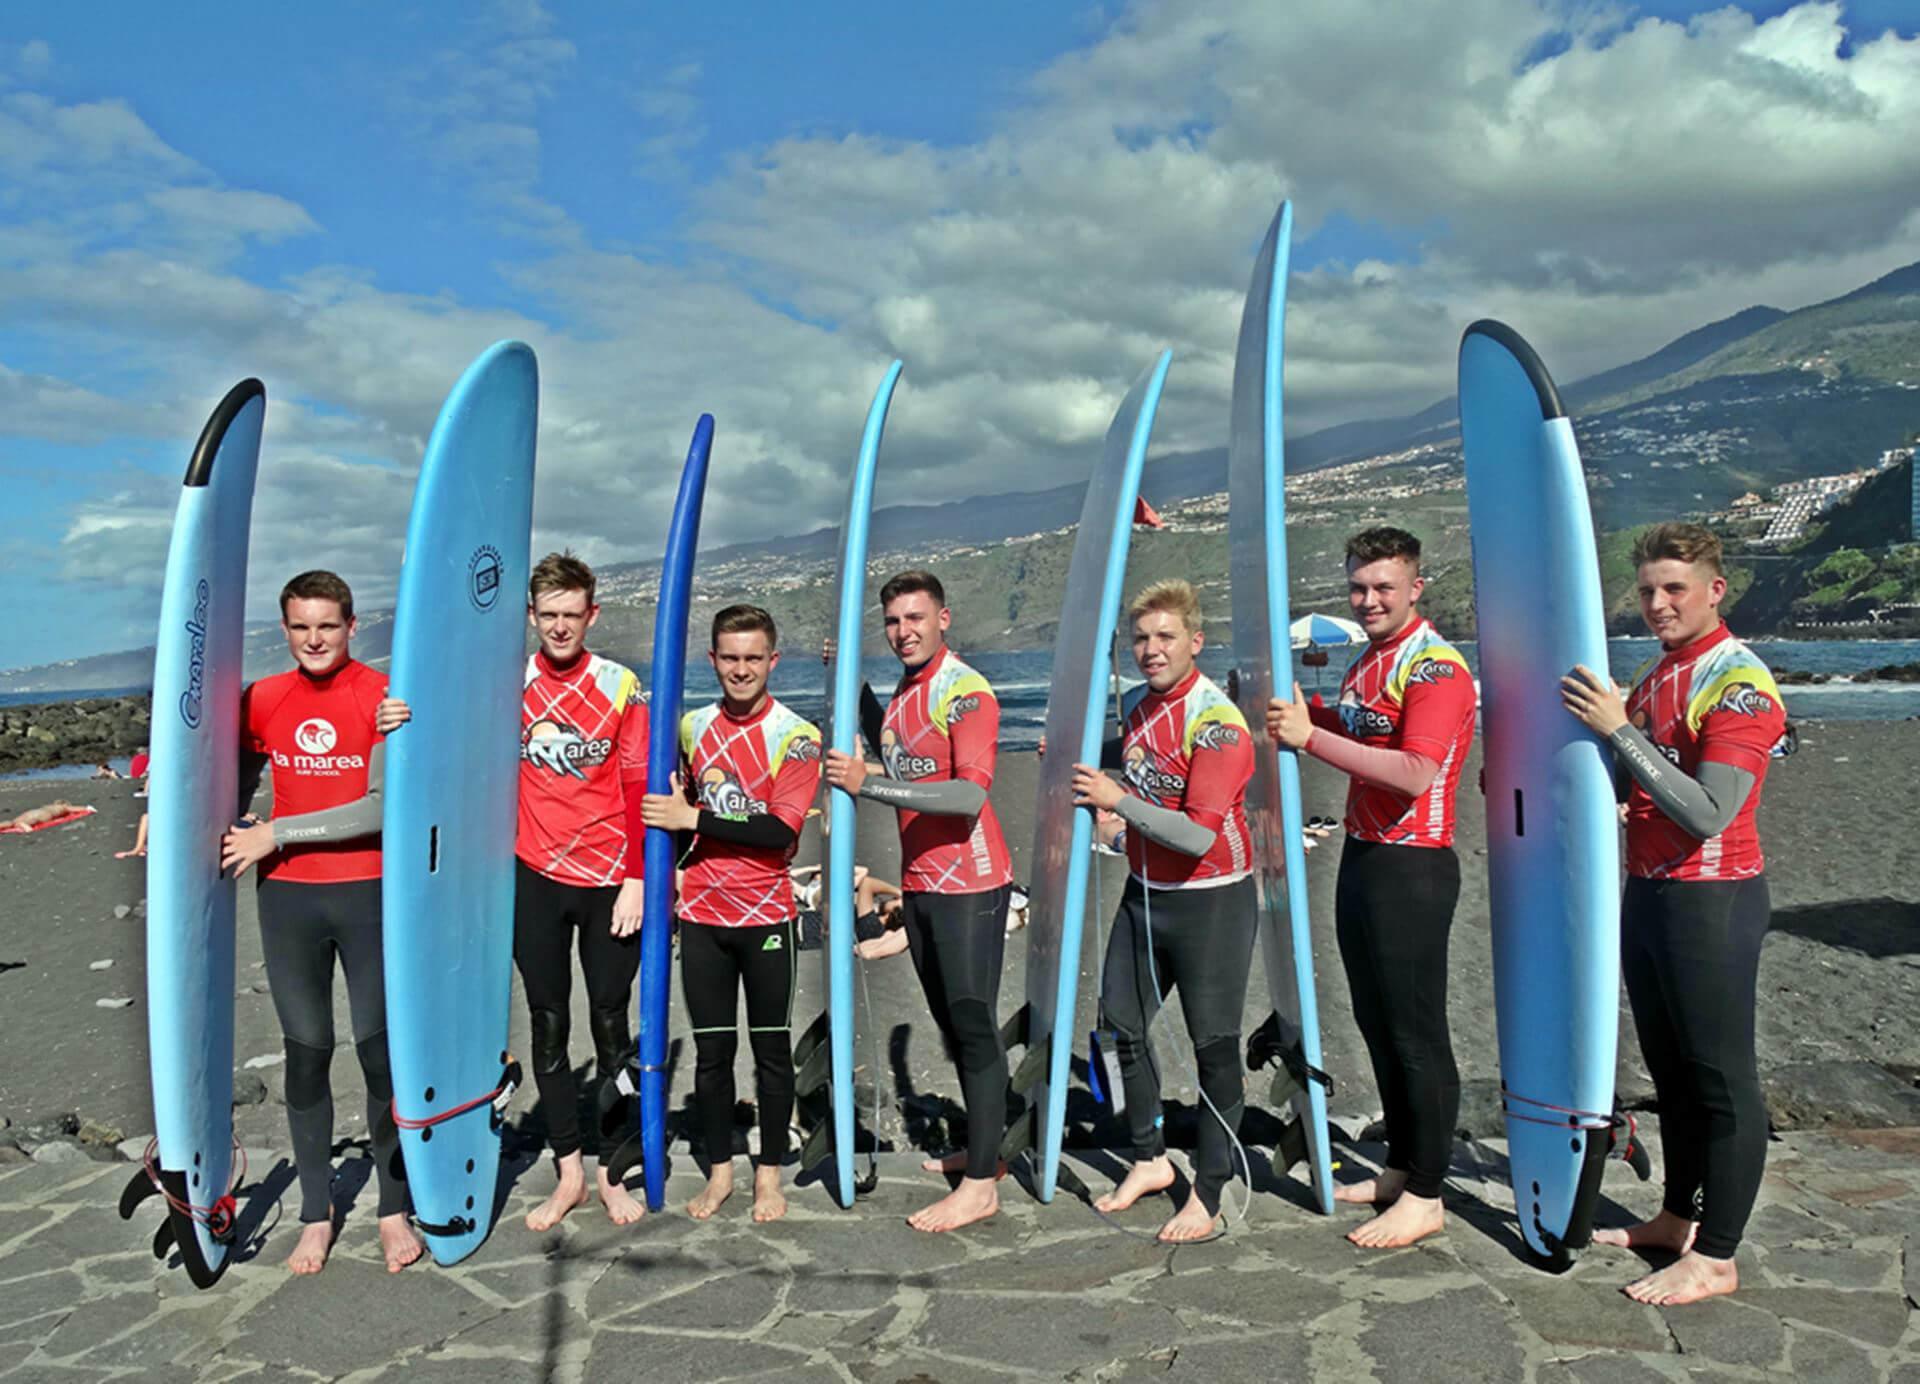 Tenerife _Surf Pureto de la Cruz